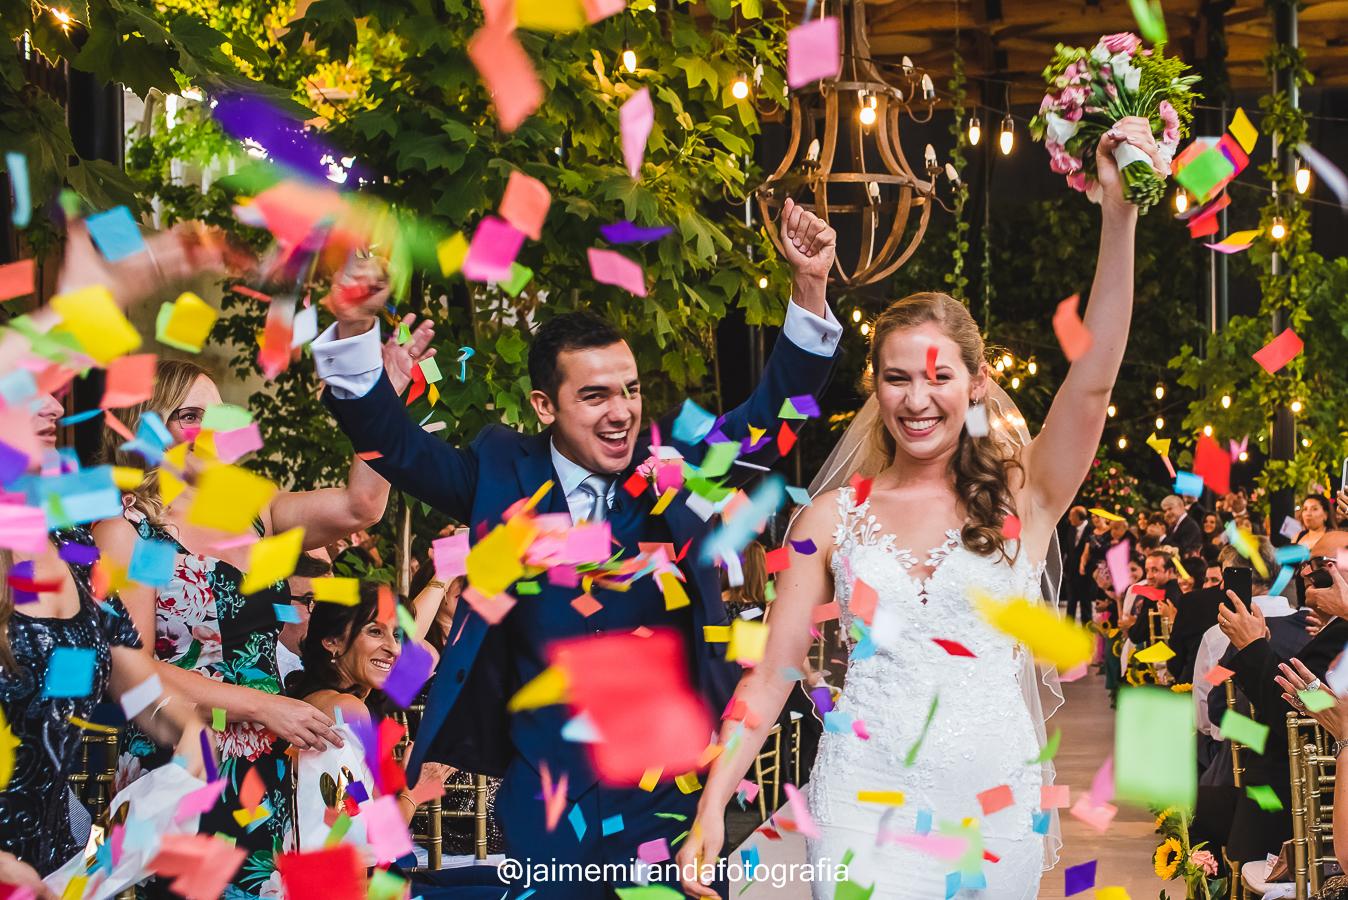 jaime miranda fotografia matrimonios (30)